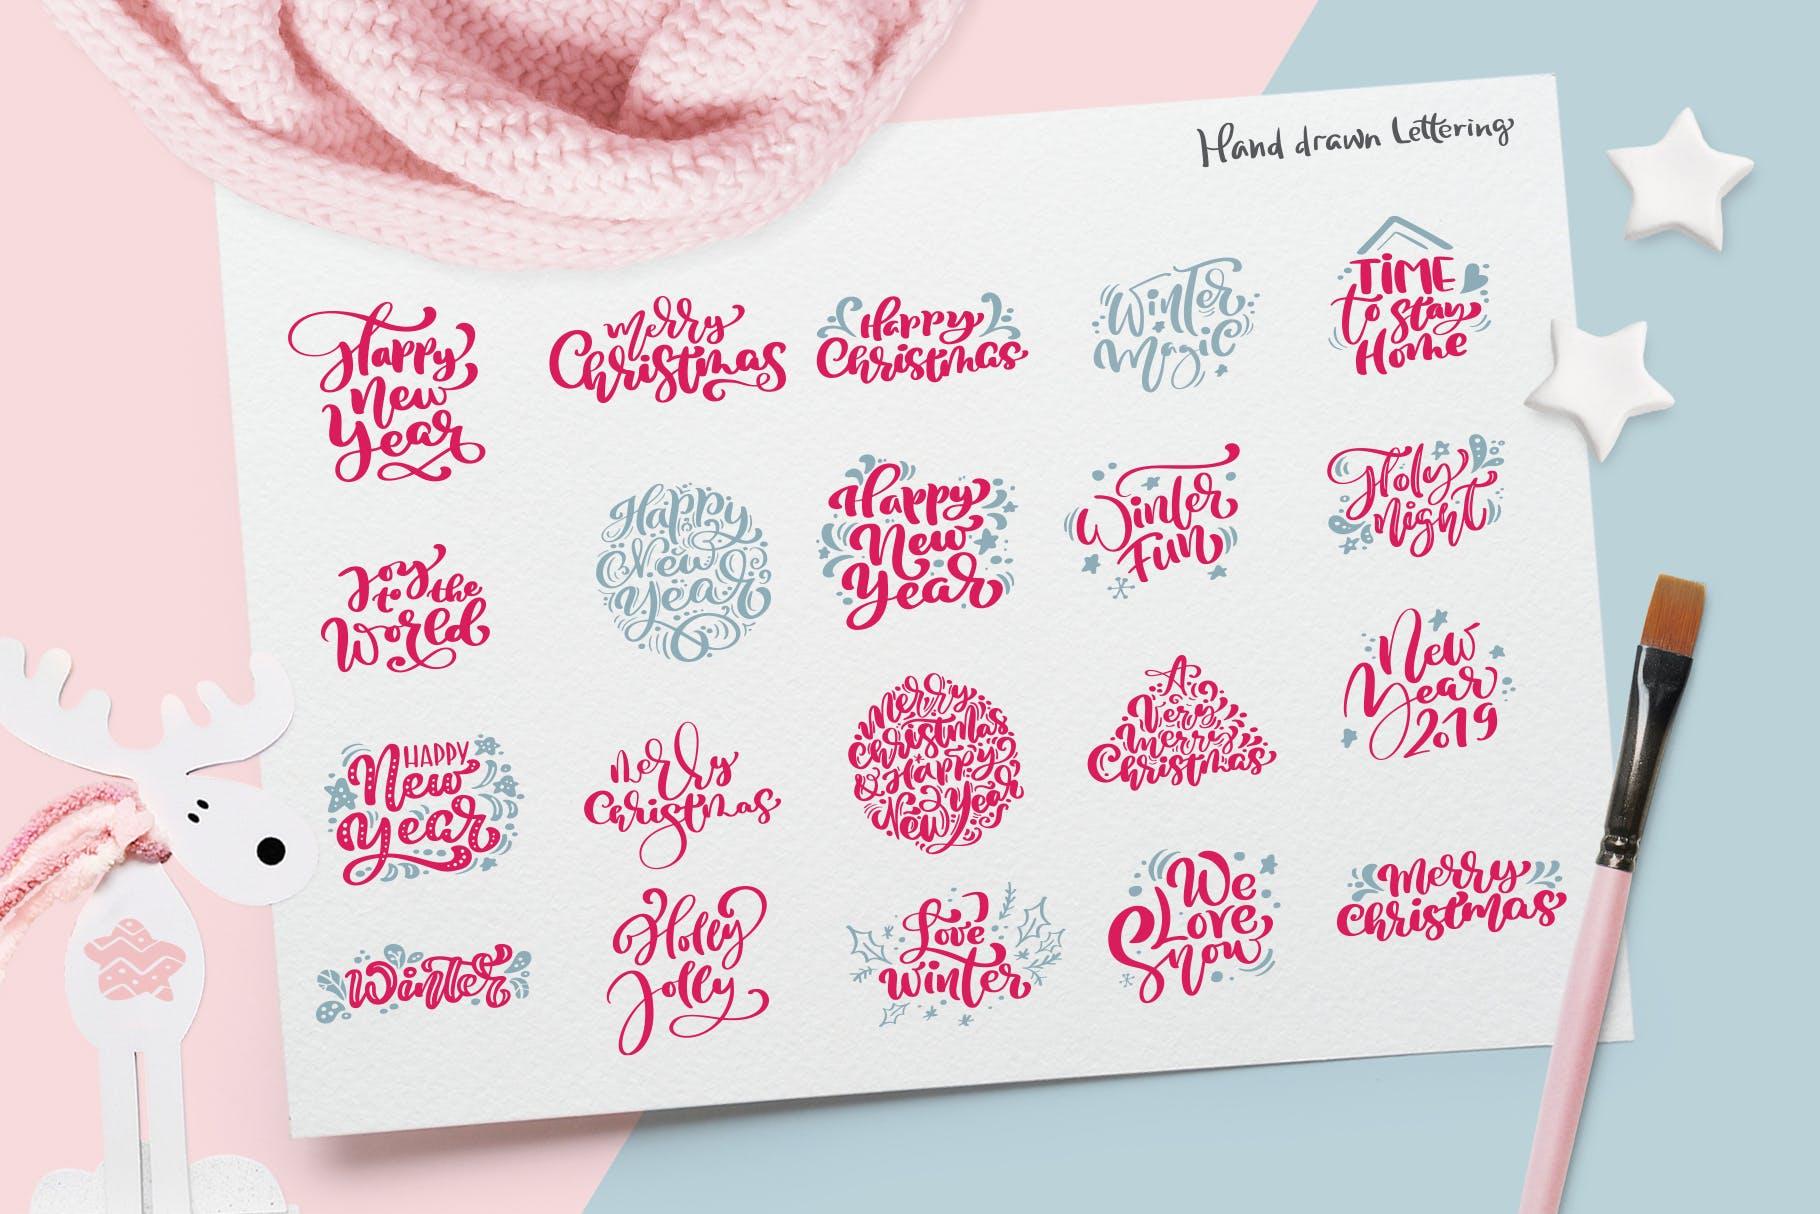 圣诞节元素雪花/星星/手套/礼物图案花纹装饰图案模板Christmas lettering quotes design插图(5)